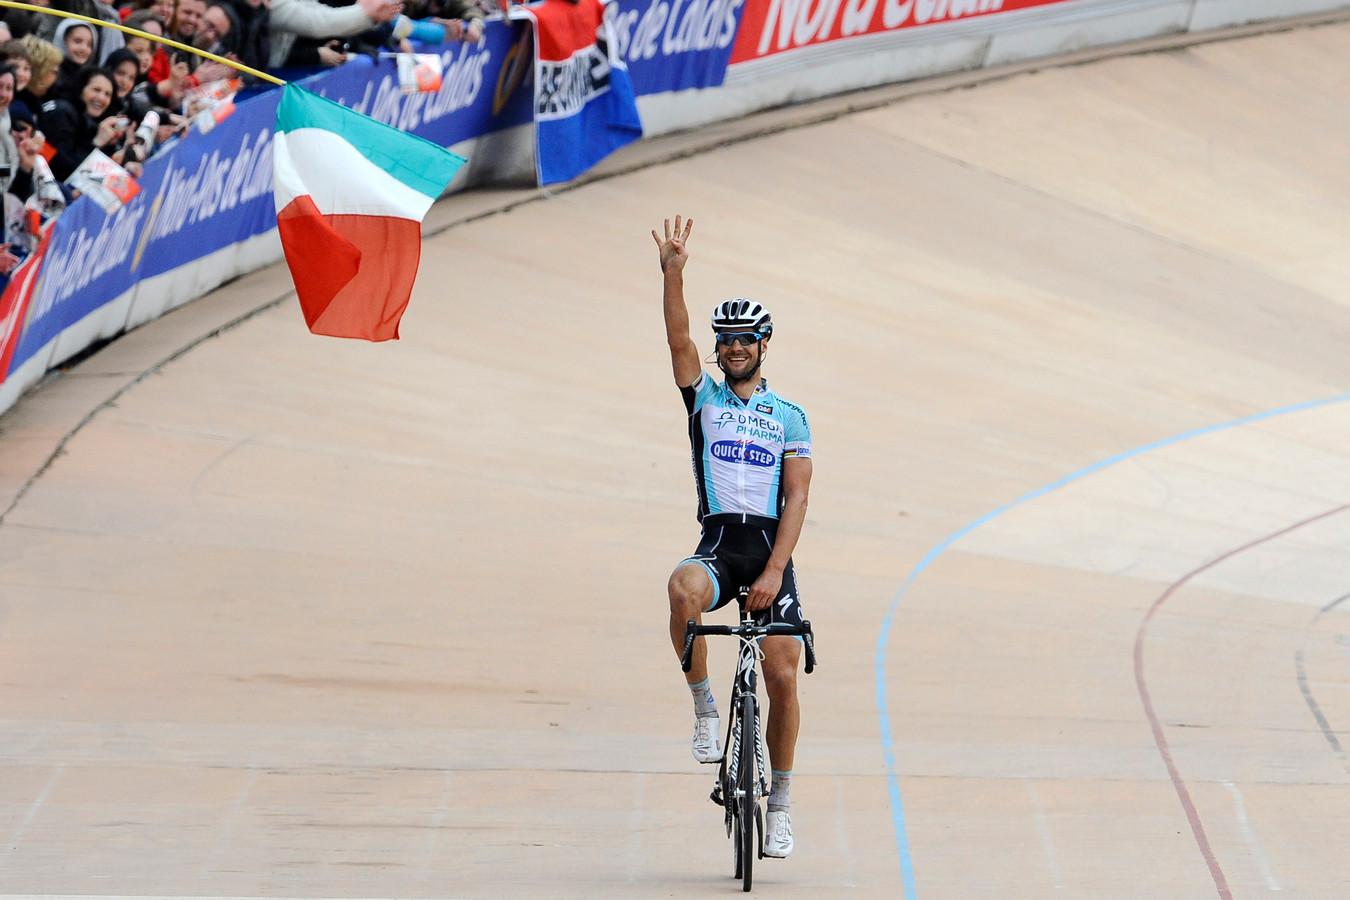 Avec quatre succès sur la piste du vélodrome, Tom Boonen s'est assis juste à côté de Monsieur Paris-Roubaix, Roger De Vlaeminck, dans la légende de l'Enfer du Nord.